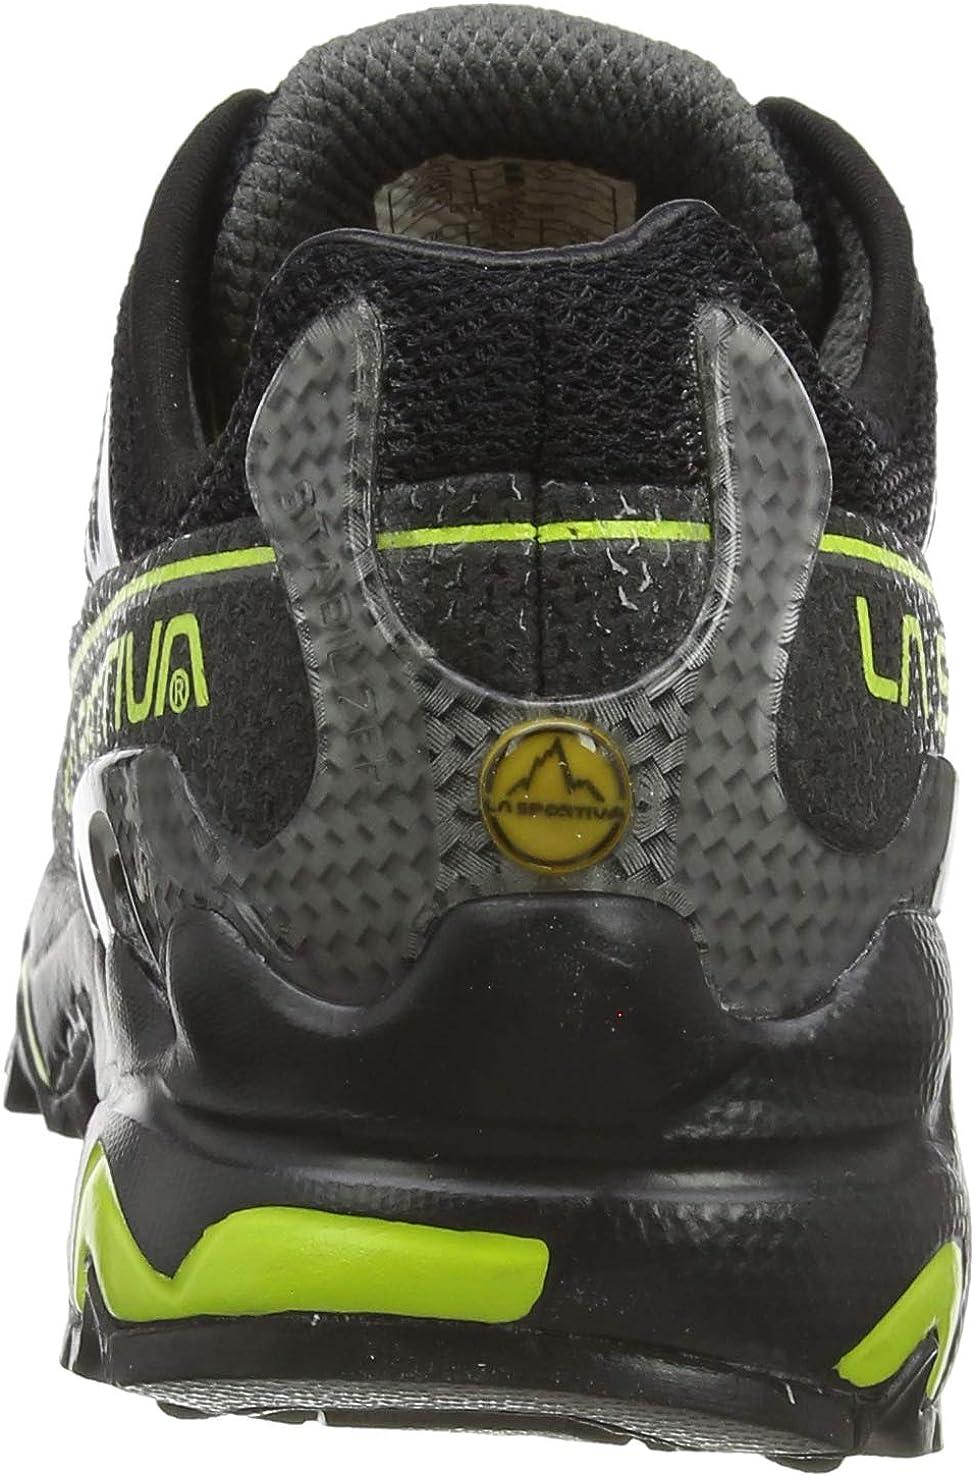 La Sportiva Ultra Raptor, Zapatillas de Trail Running para Hombre: Amazon.es: Zapatos y complementos